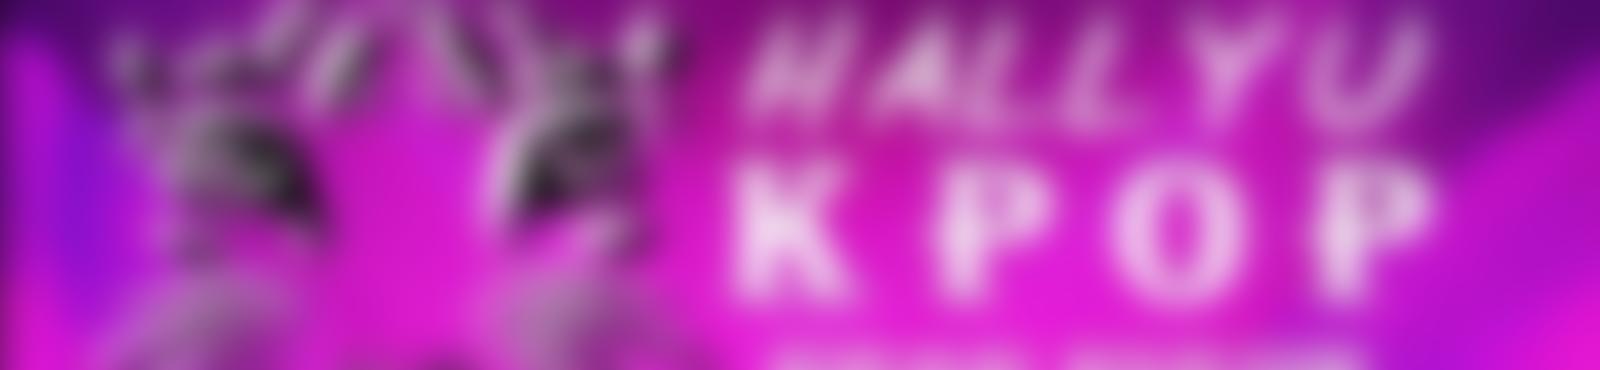 Blurred 1fccde9f 9237 4257 ad53 6a068e253bbf